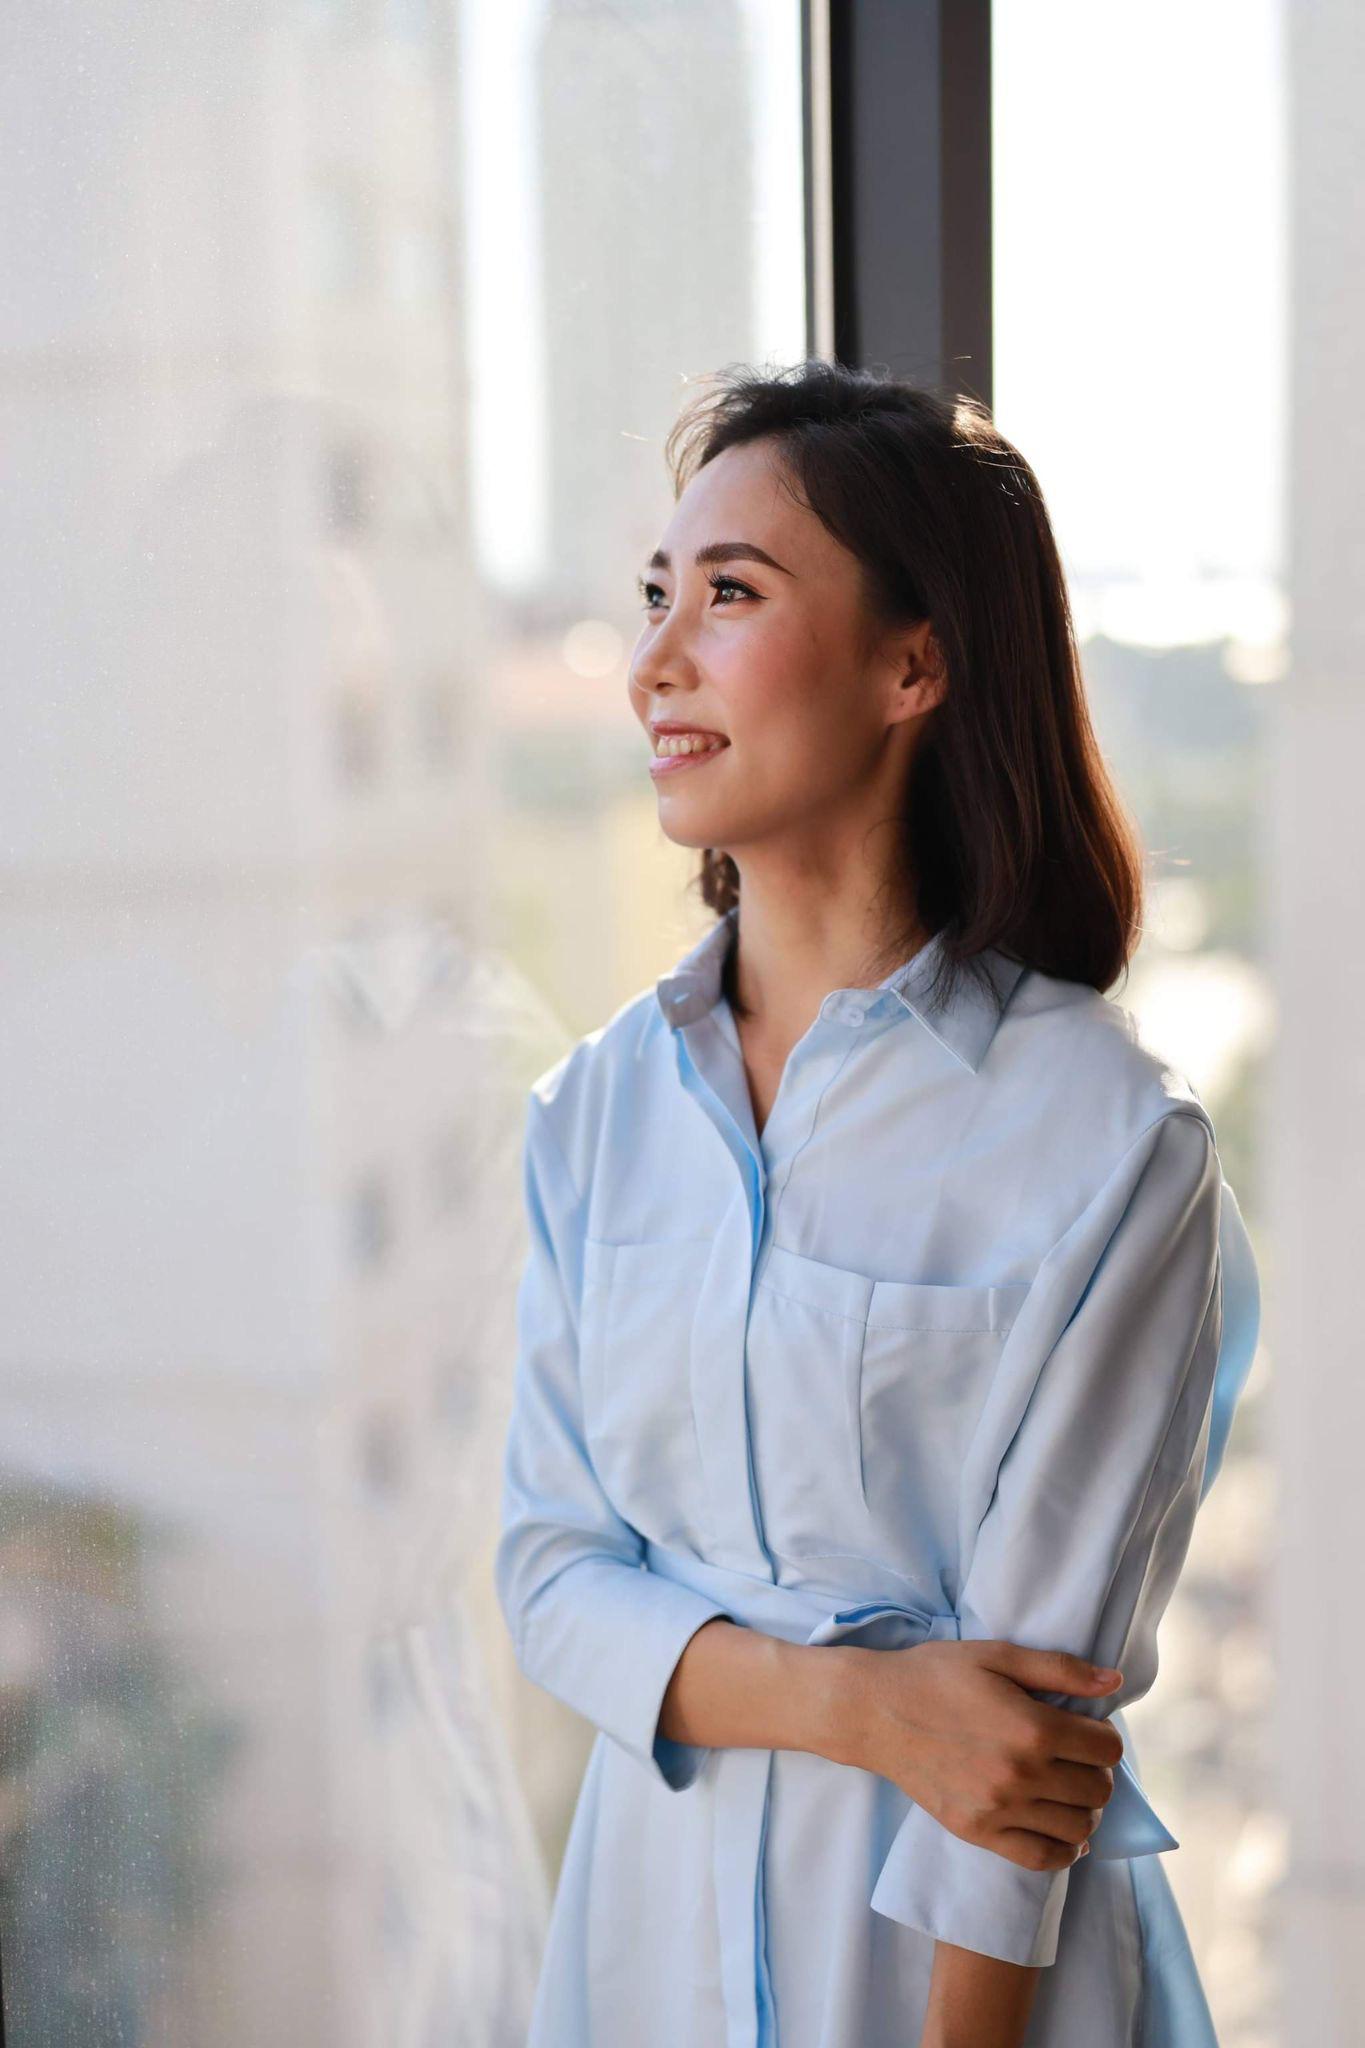 Giảng Văn online Trần Thị Thùy Dương - từ niềm đam mê môn Văn bất tận đến tình yêu dạy học trực tuyến - Ảnh 4.